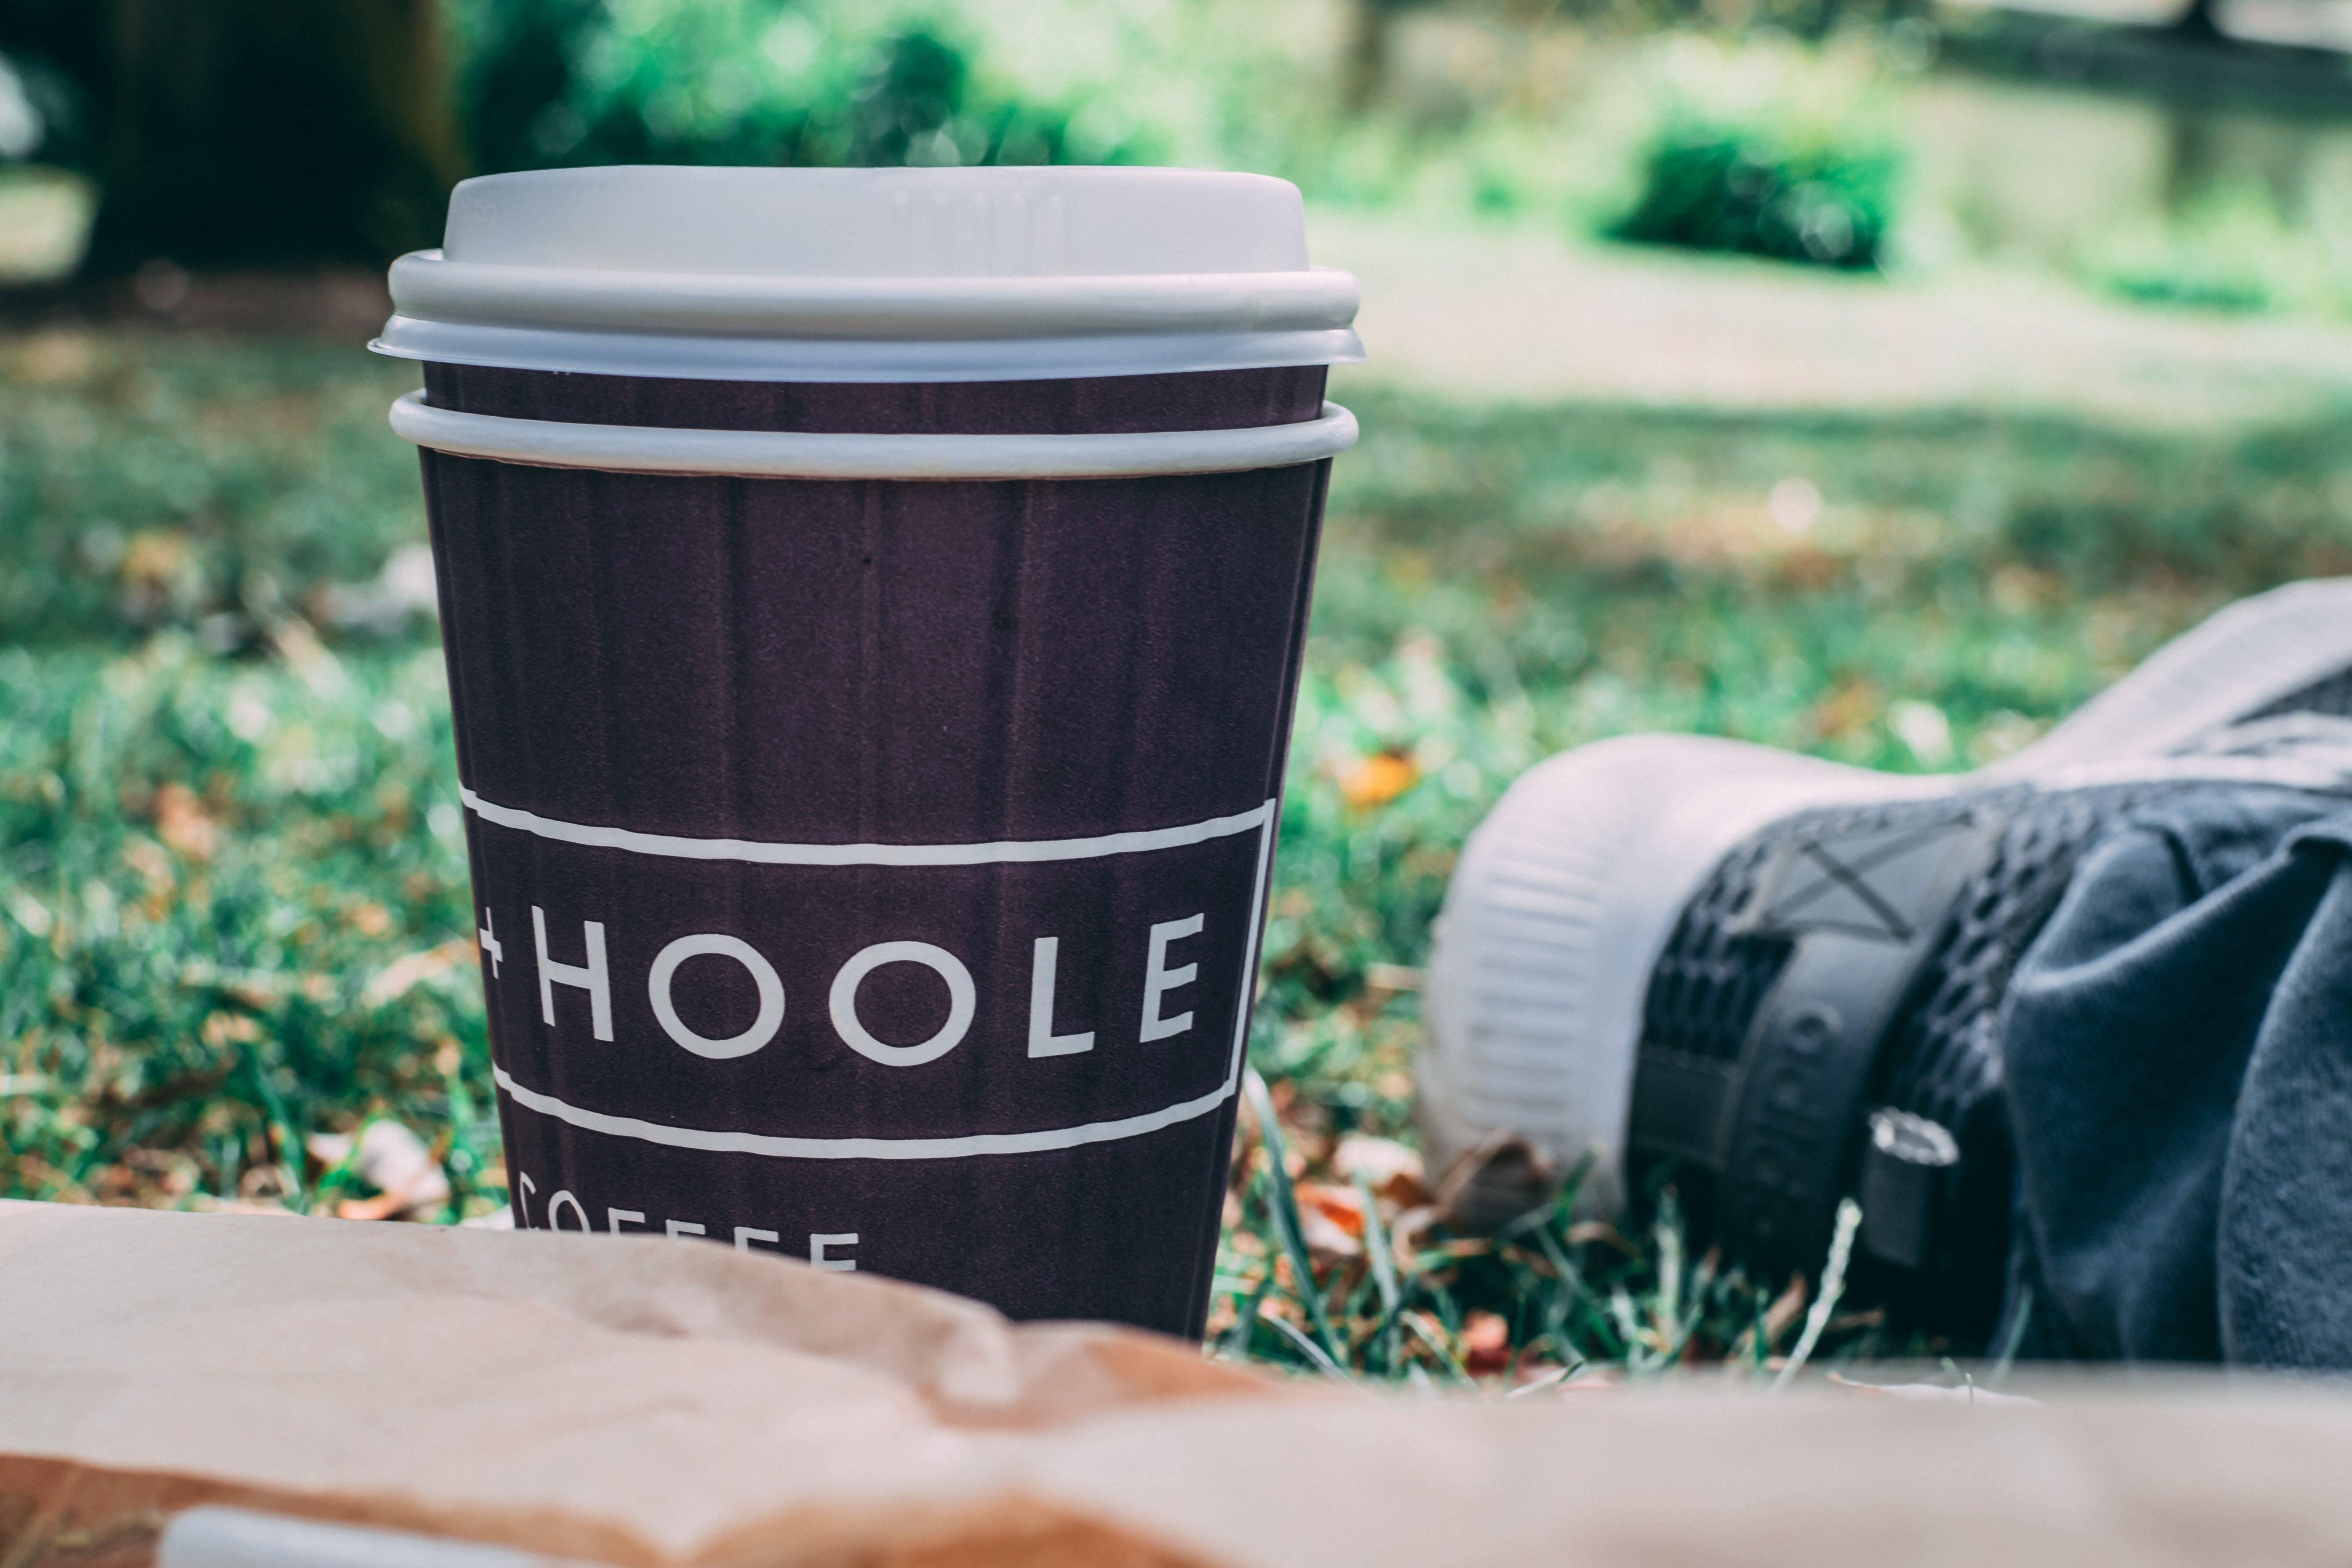 Fotos de stock gratuitas de beber, café, césped, contenedor